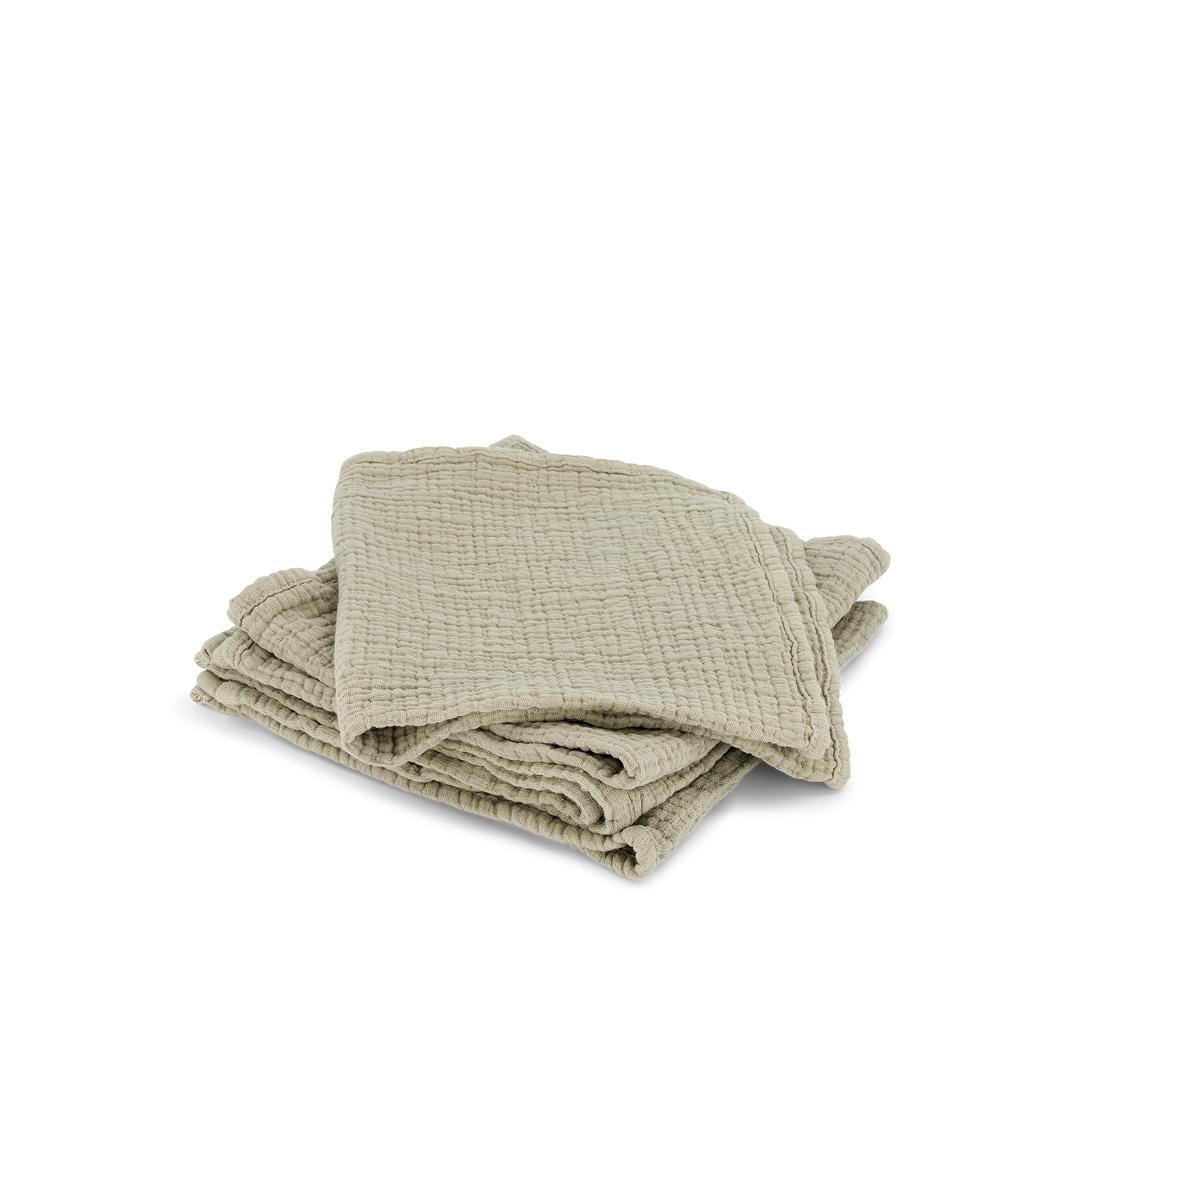 Set of 4 Allegra Towels in Water Green Cotton Gauze